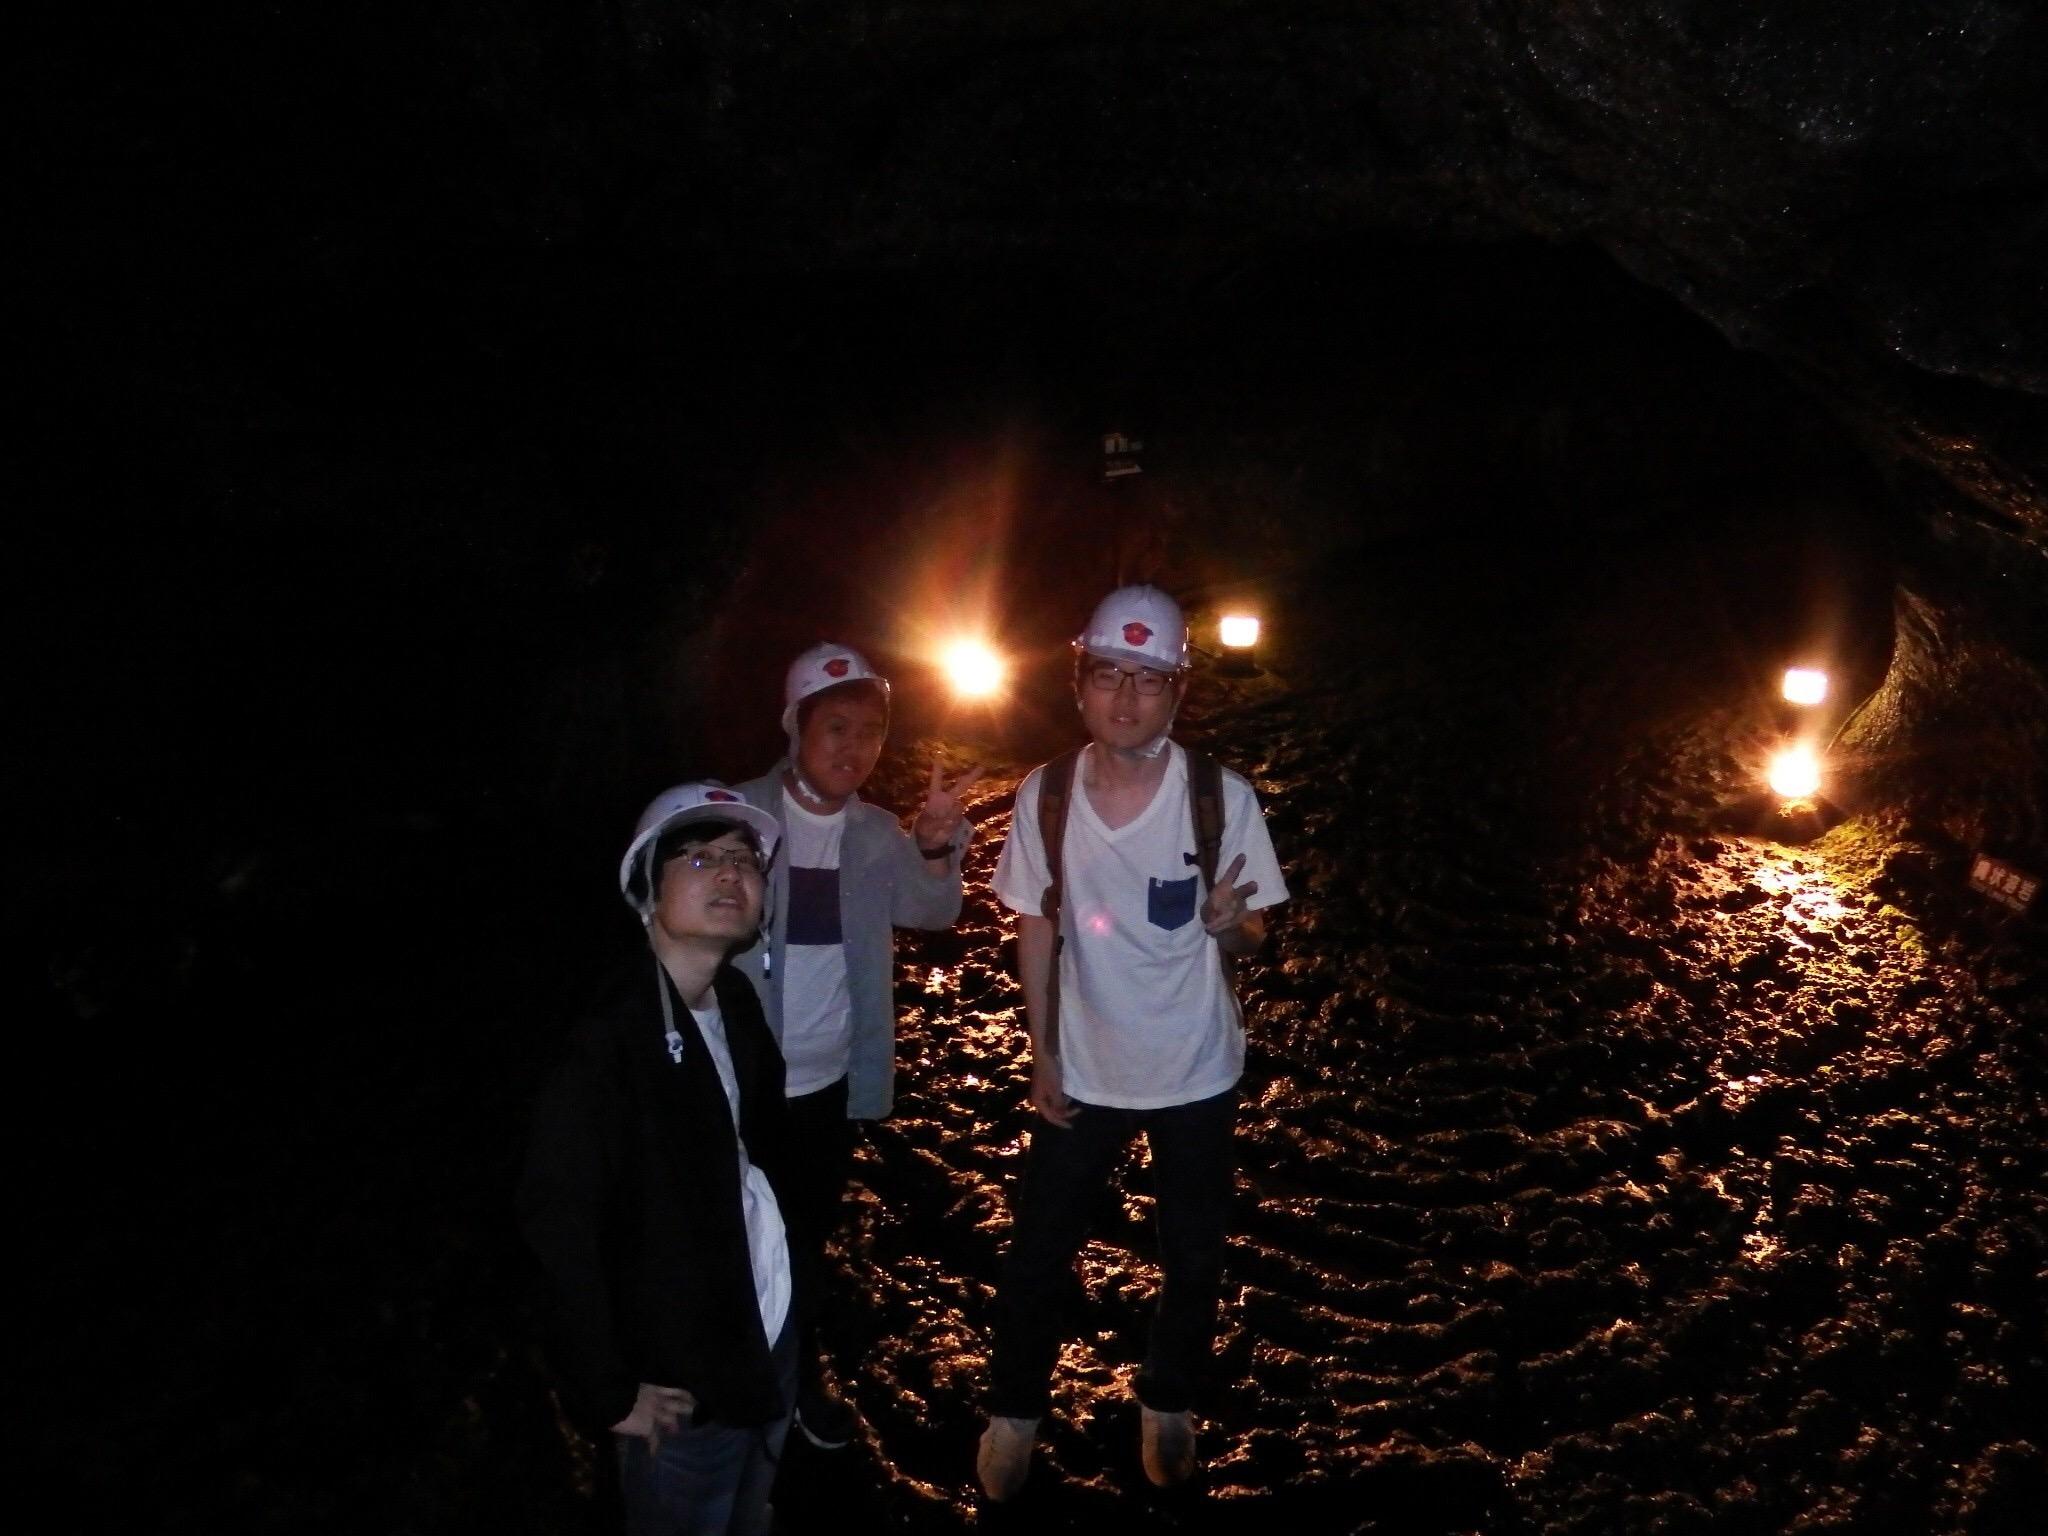 洞窟の中にて